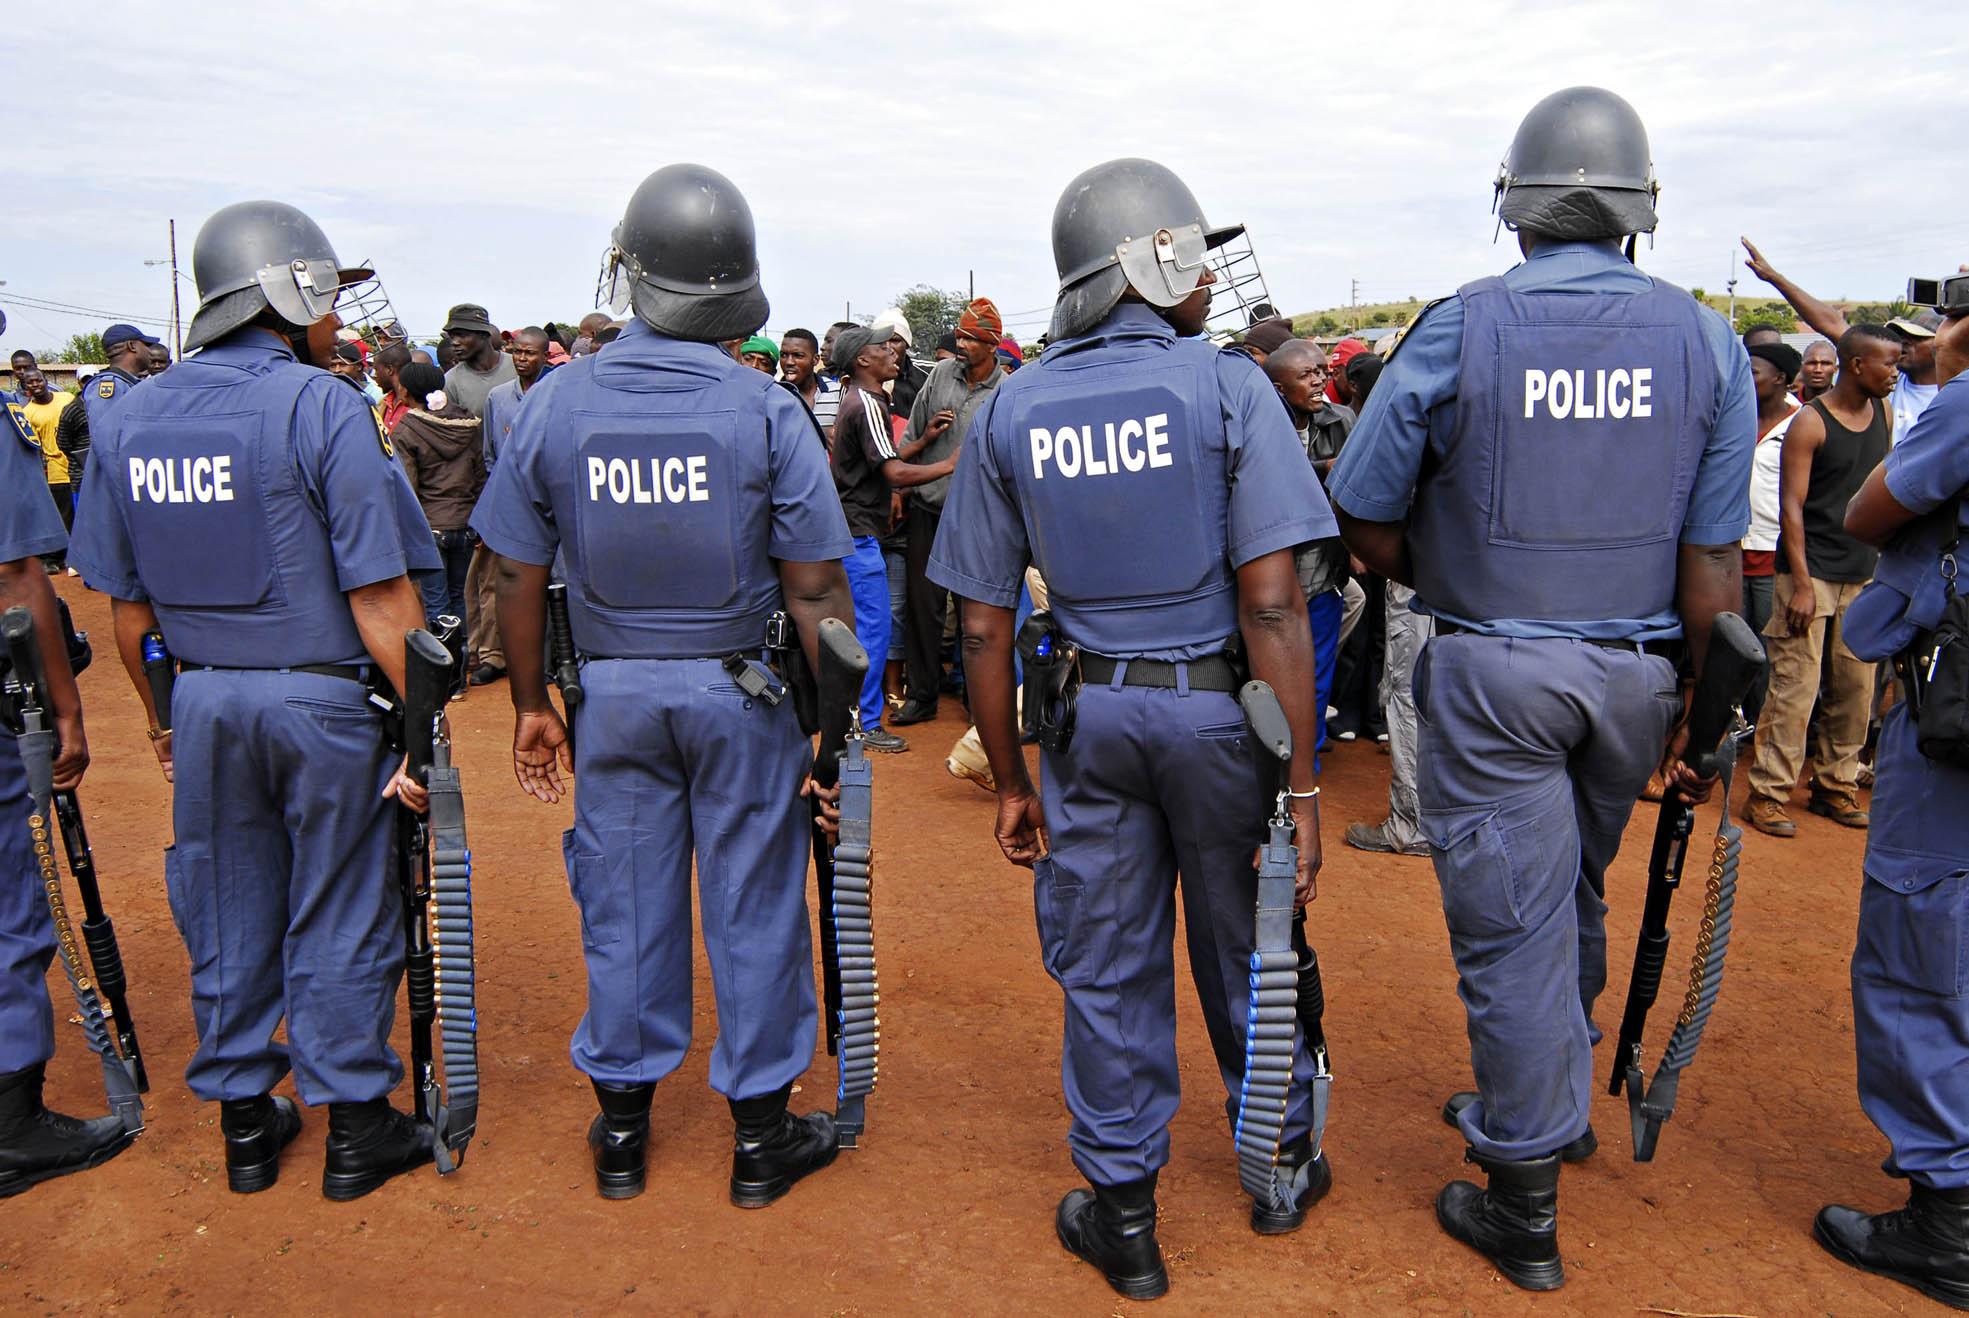 Беспорядки в ЮАР могут привести к росту цен на палладий и платину